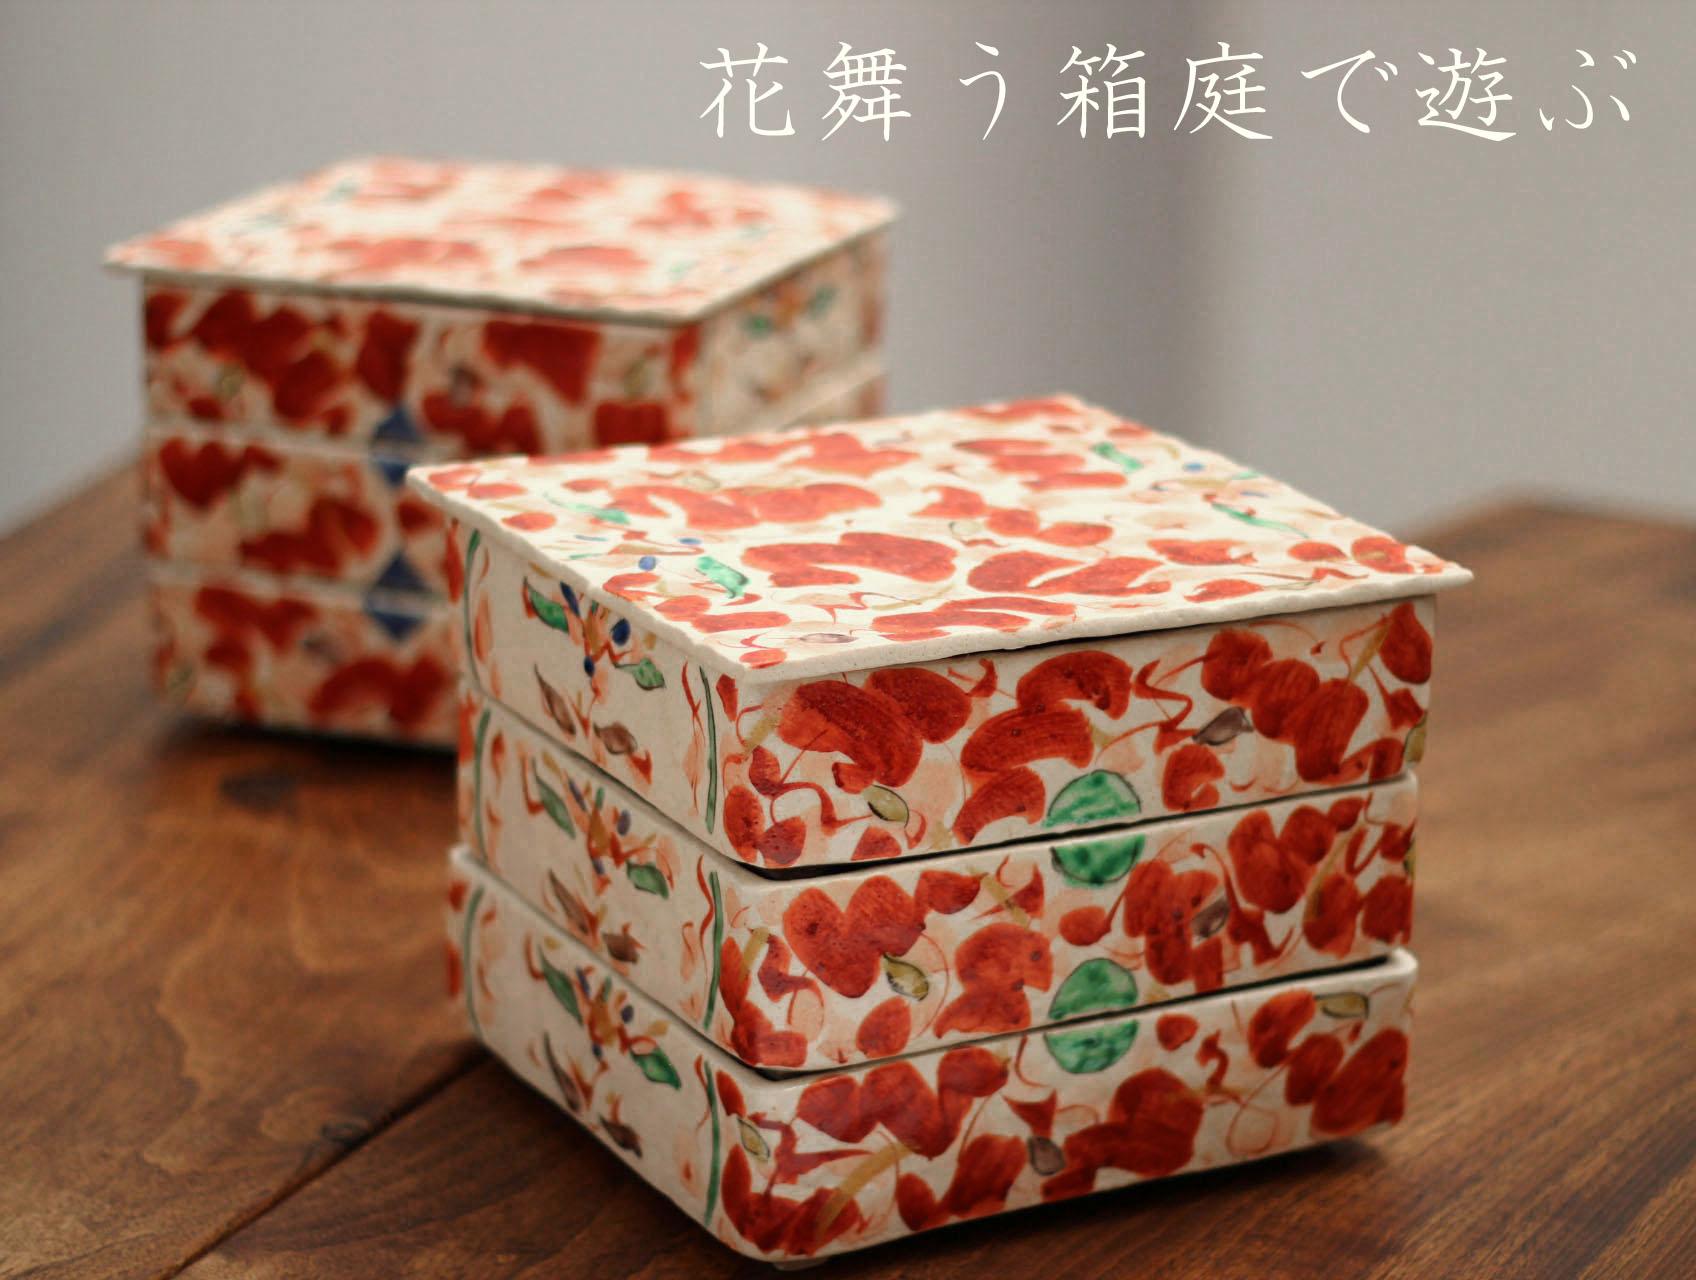 赤絵花舞重箱/陶器の重箱(3段)